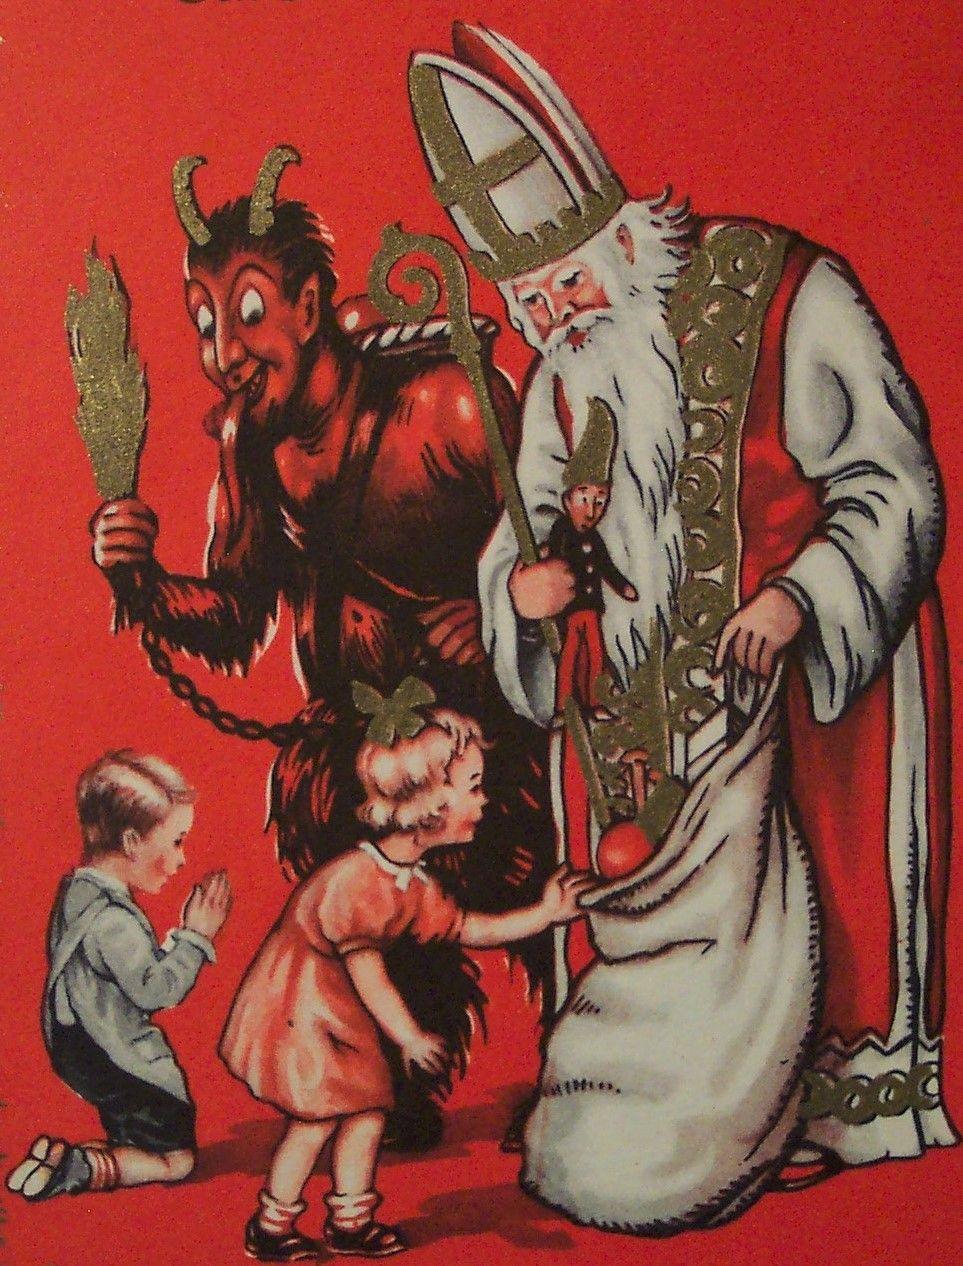 Krampus Santa Claus In 2020 Krampus Card Krampus Creepy Christmas